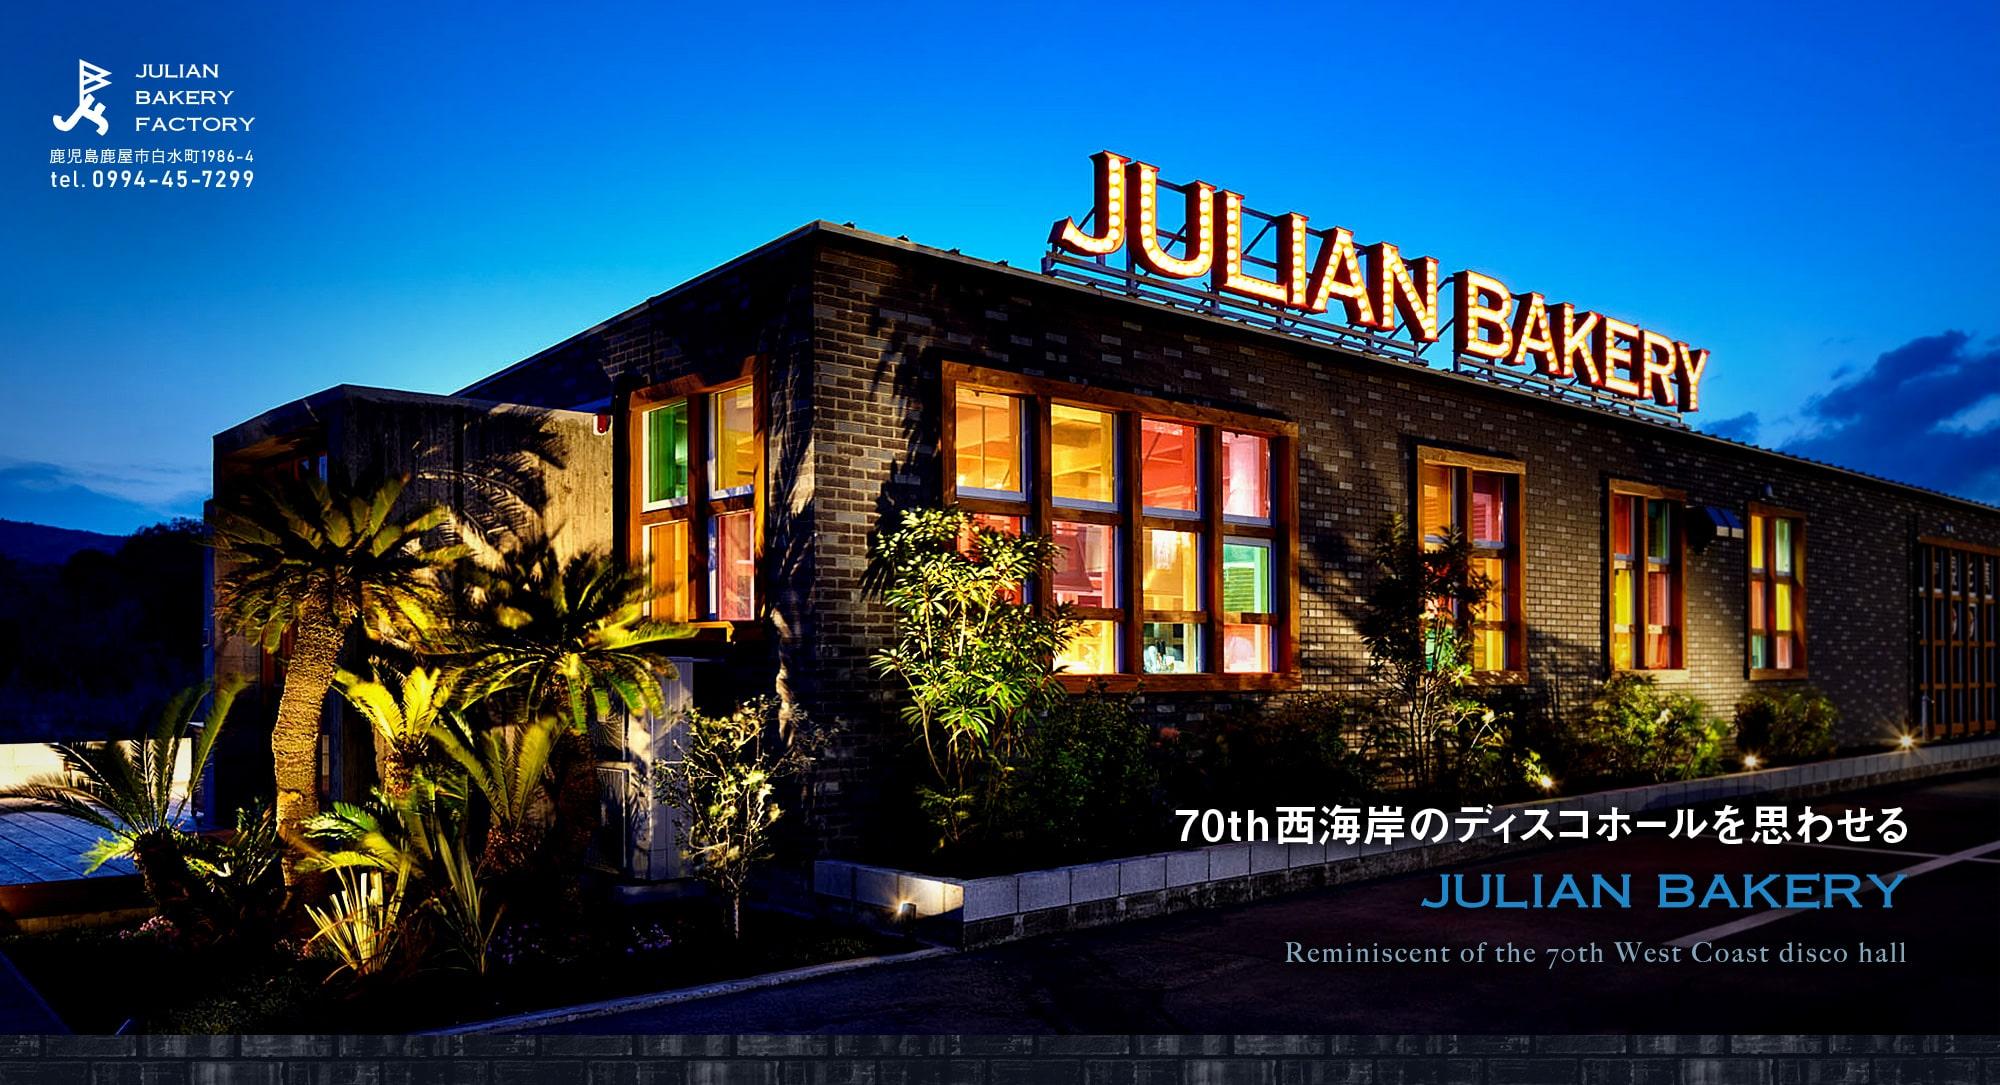 70th西海岸のディスコホールを思わせる JULIAN BAKERY